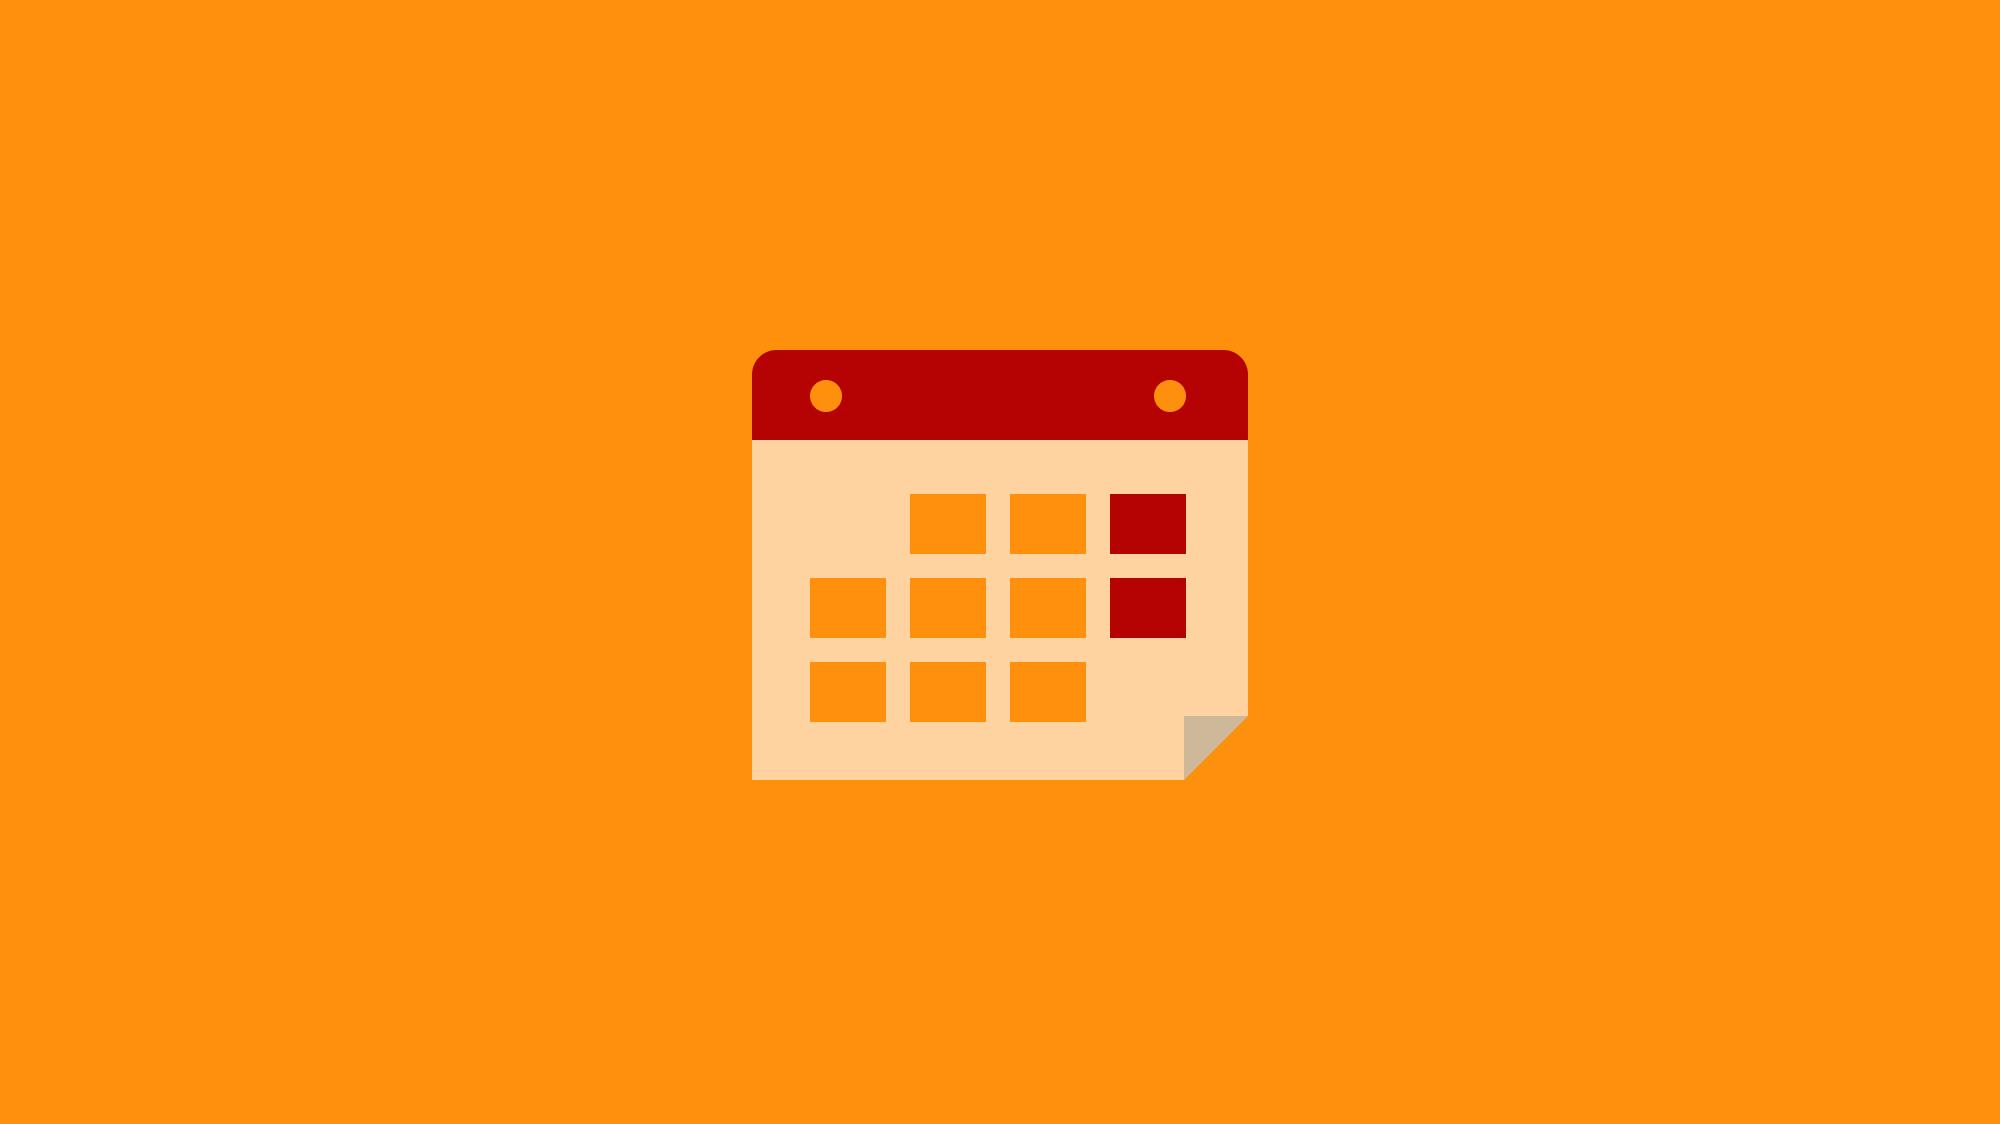 Выходные и праздники в 2021 году. Проект Минтруда